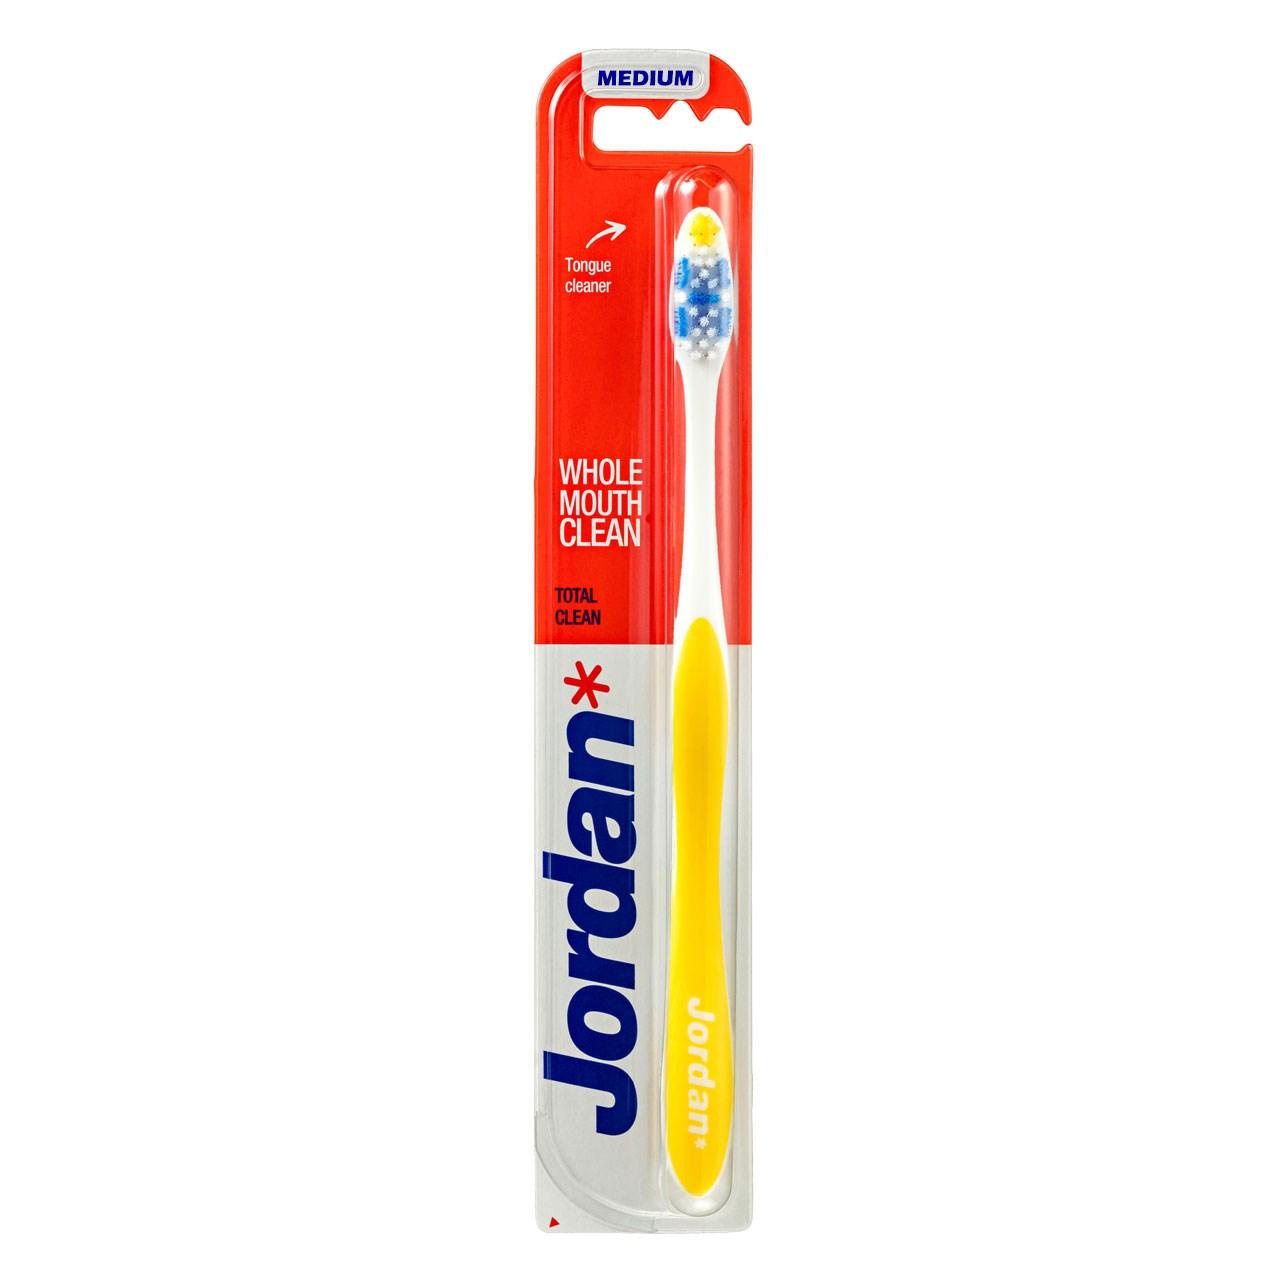 قیمت مسواک جردن مدل Total Clean متوسط